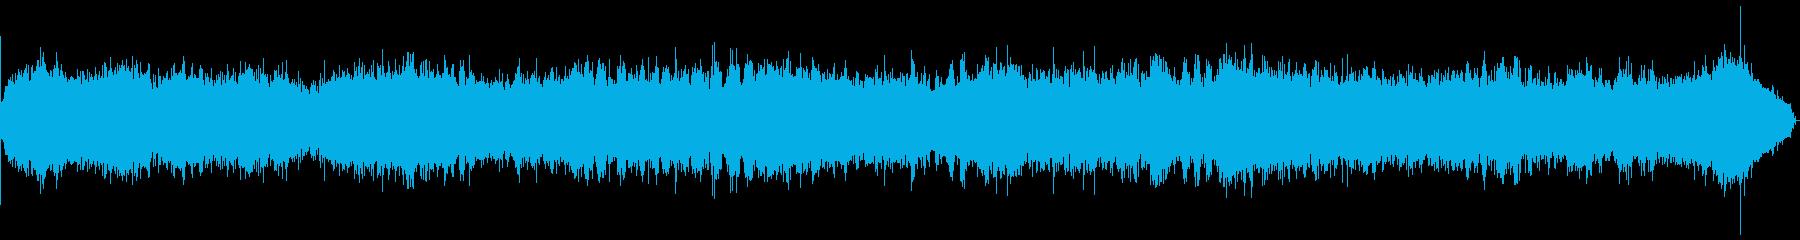 電気シェーバー:開始、実行、遮断バ...の再生済みの波形